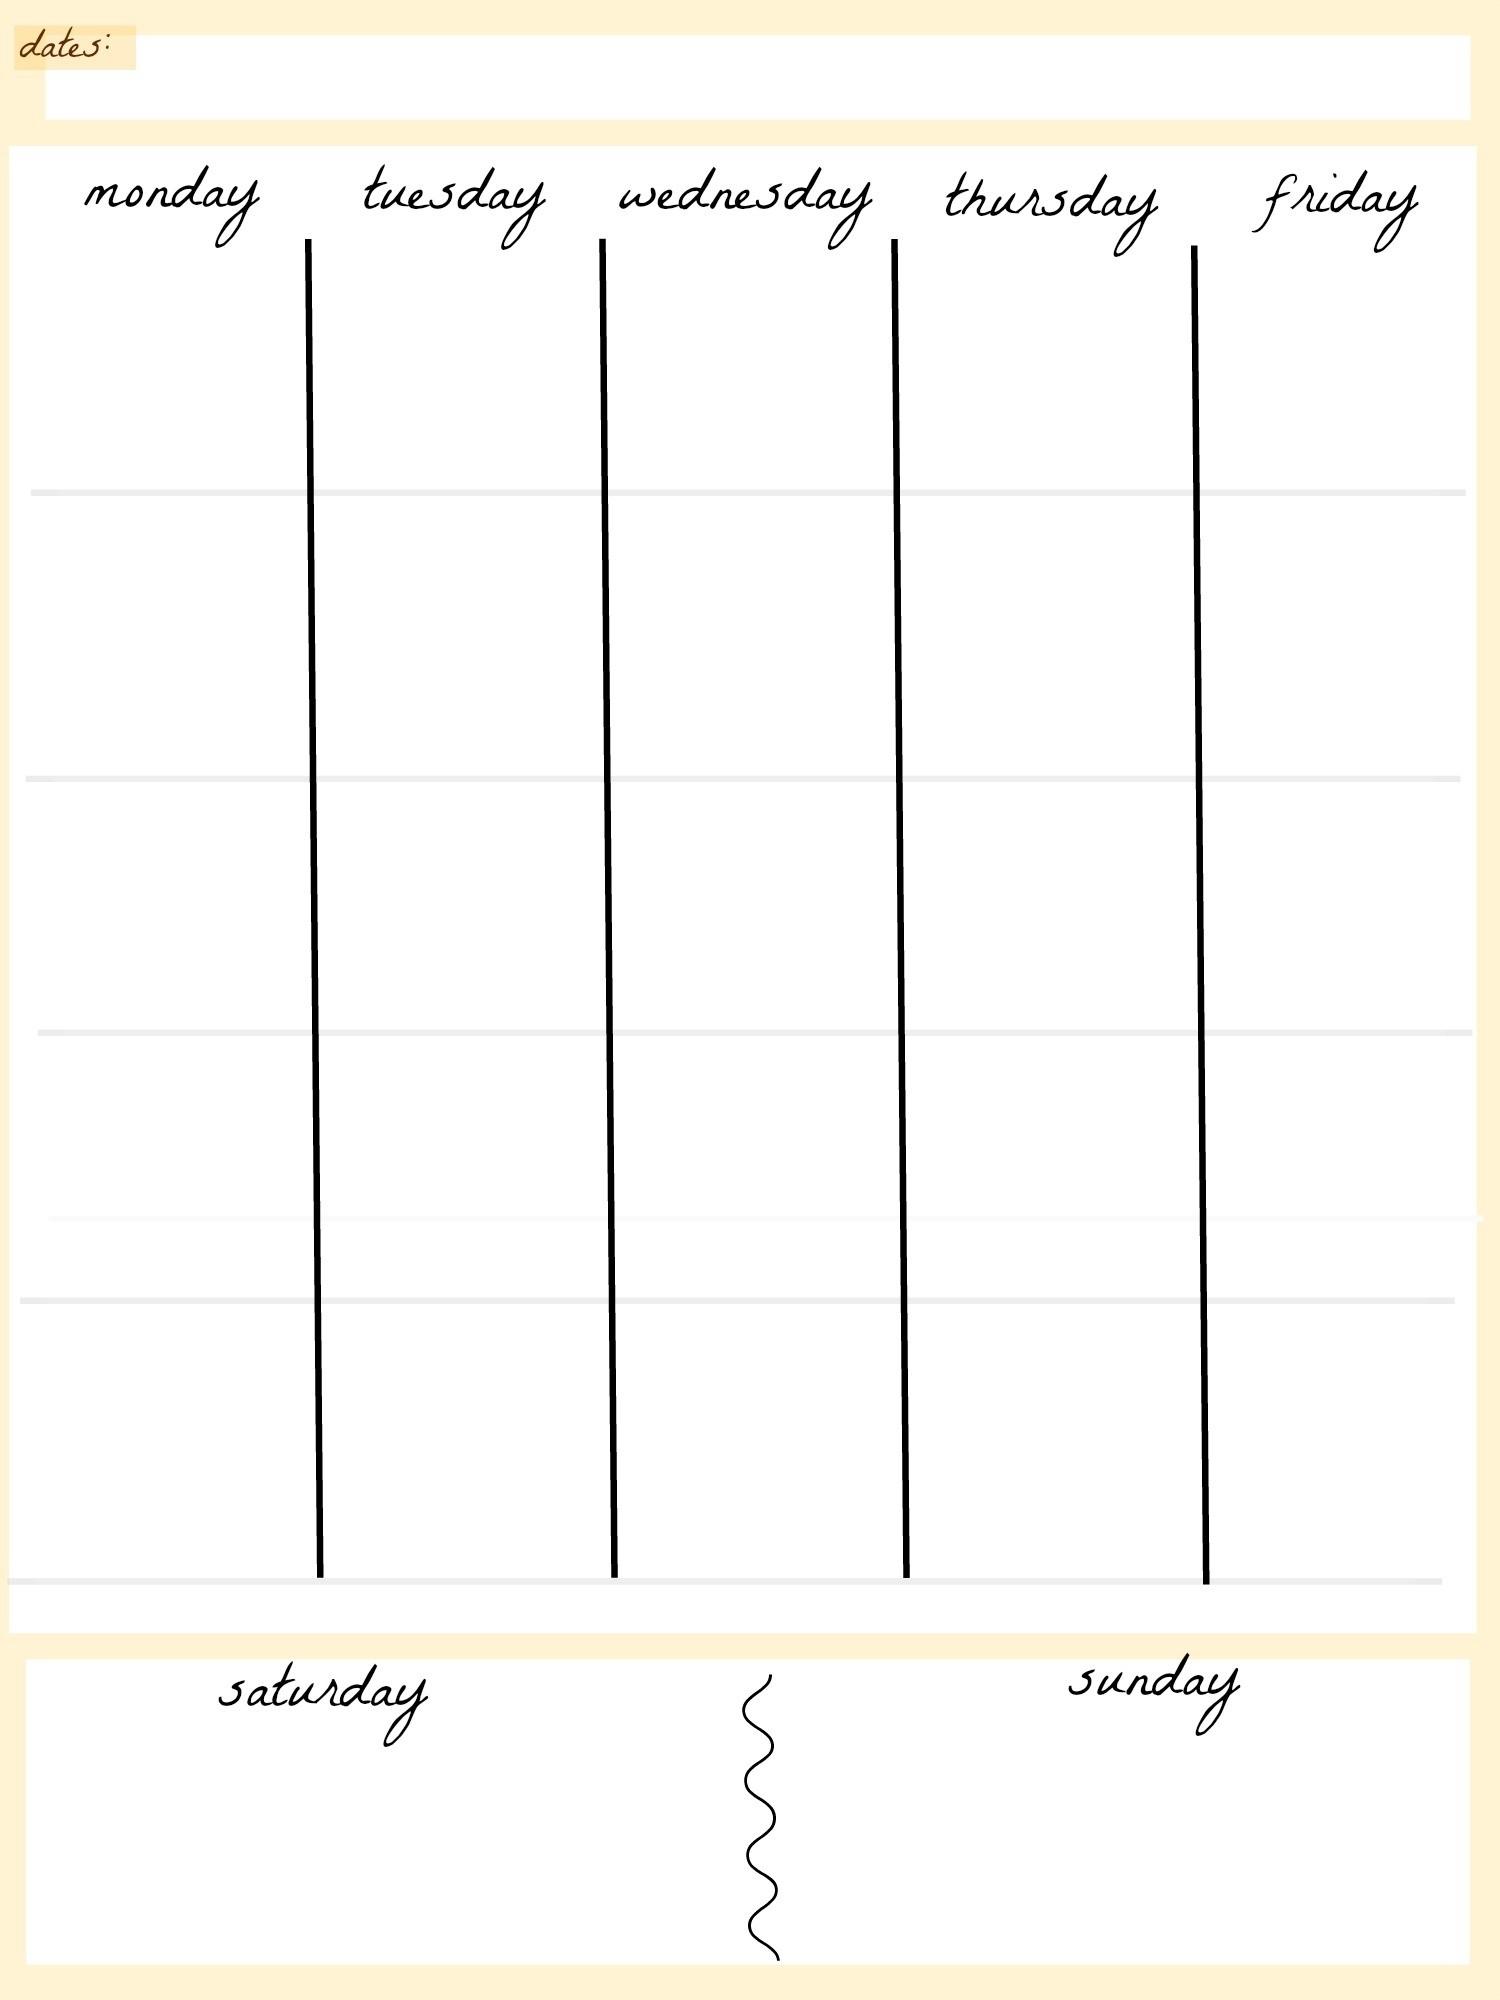 Blank Calendar Template 5 Day Week Weekly Calendar 5 Day Travel Cal1 with 5 Day Week Calendar Template